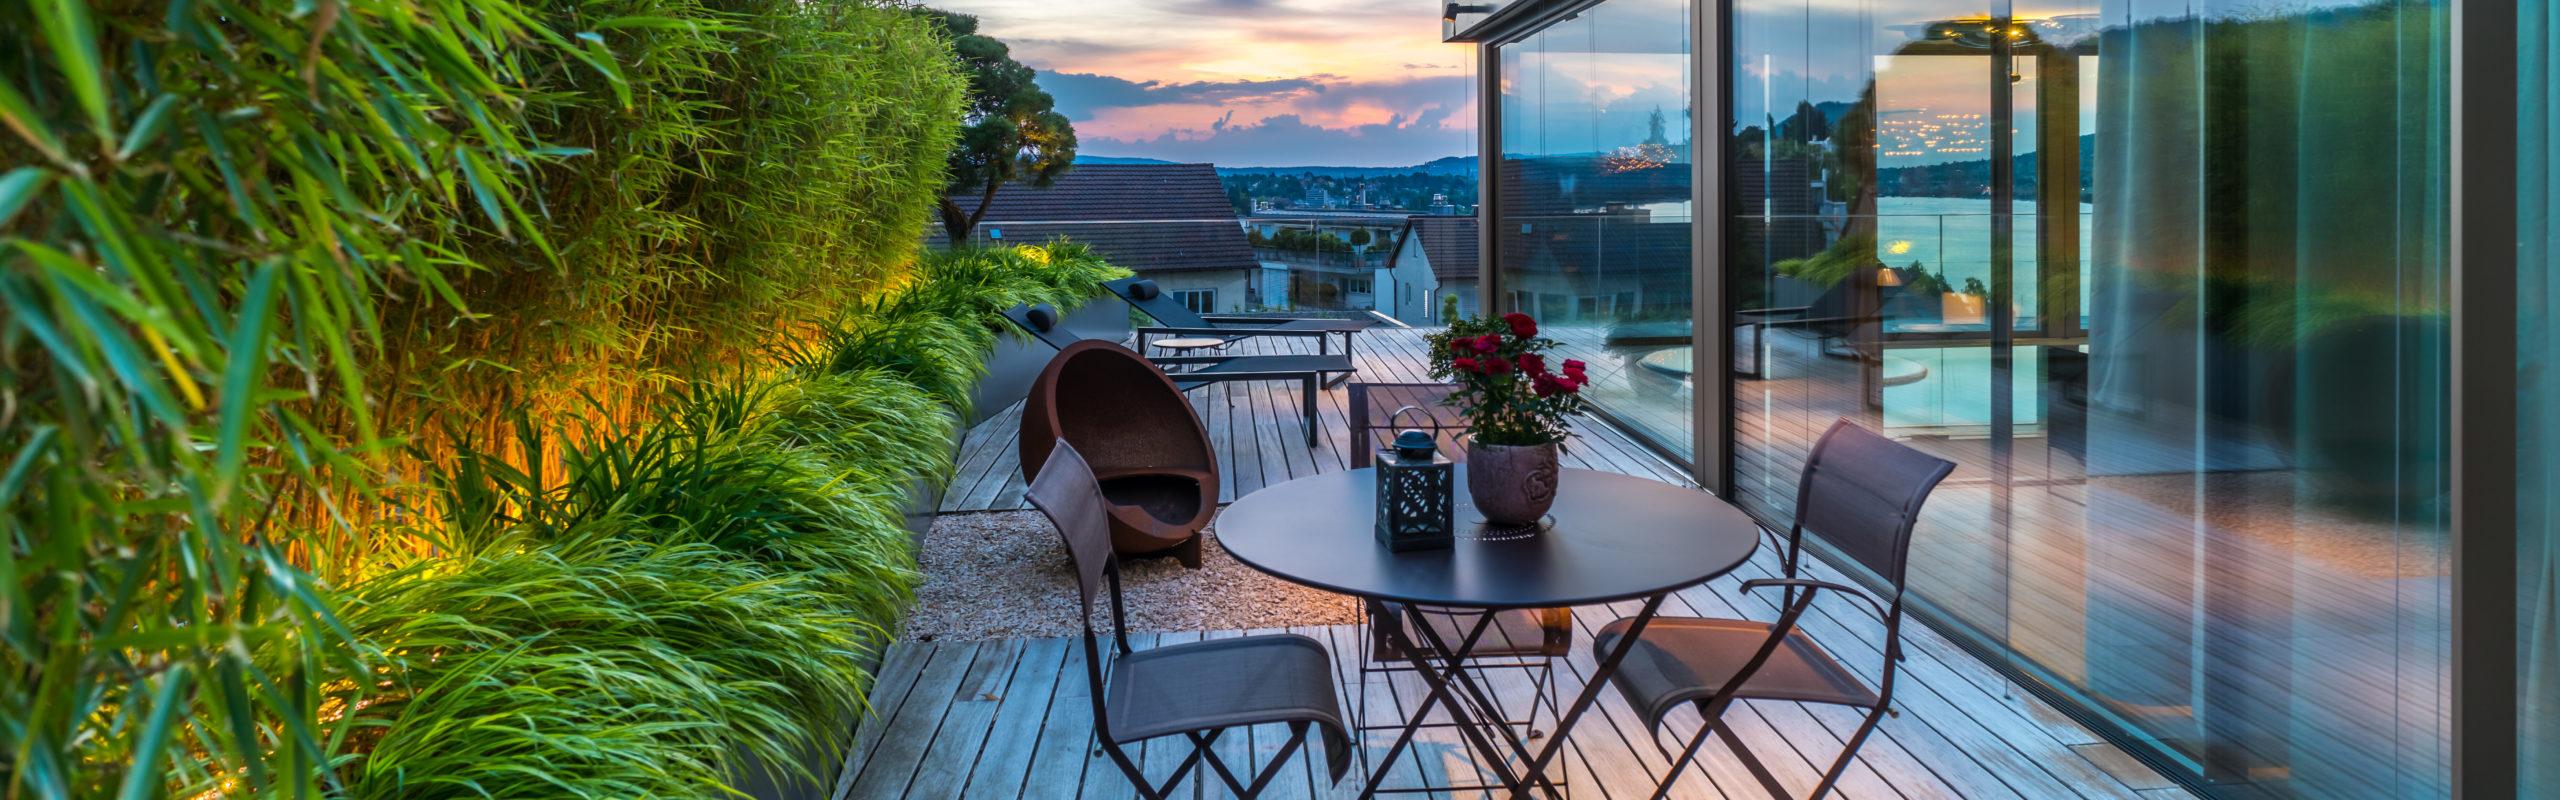 Berger Gartenbau - Terrassen Sitzplatz mit Feuerstelle und Bambushecke